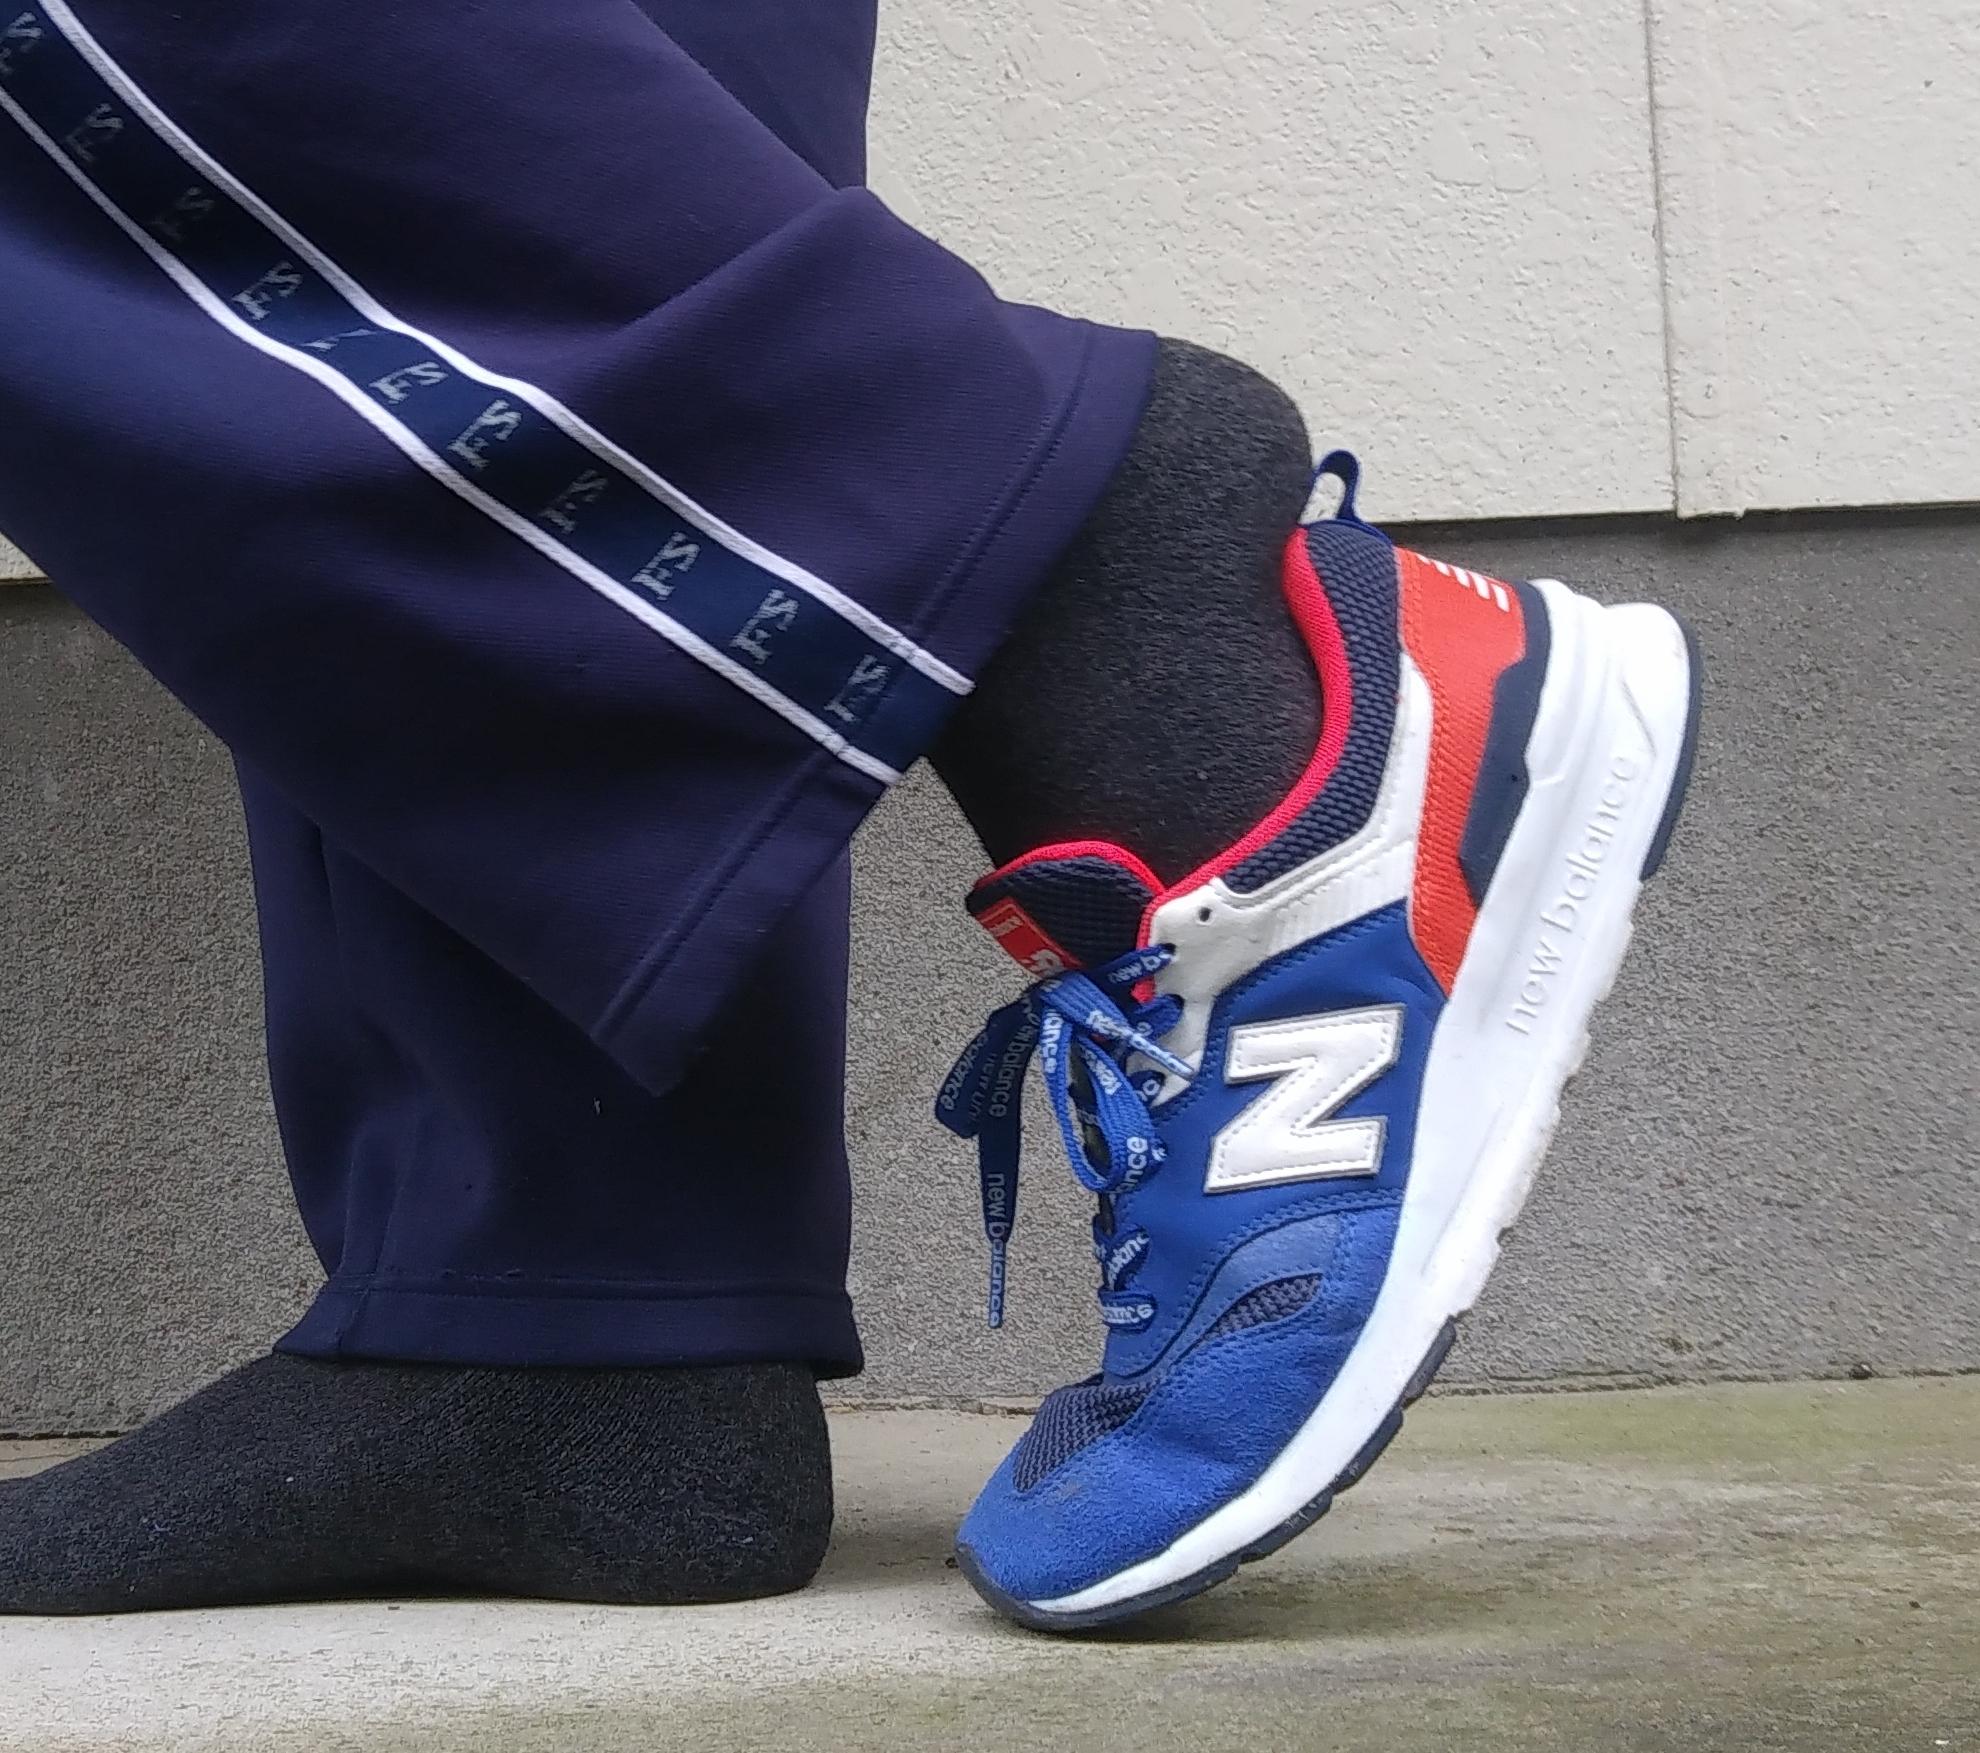 間違った靴の履き方 つま先から靴を合わせる